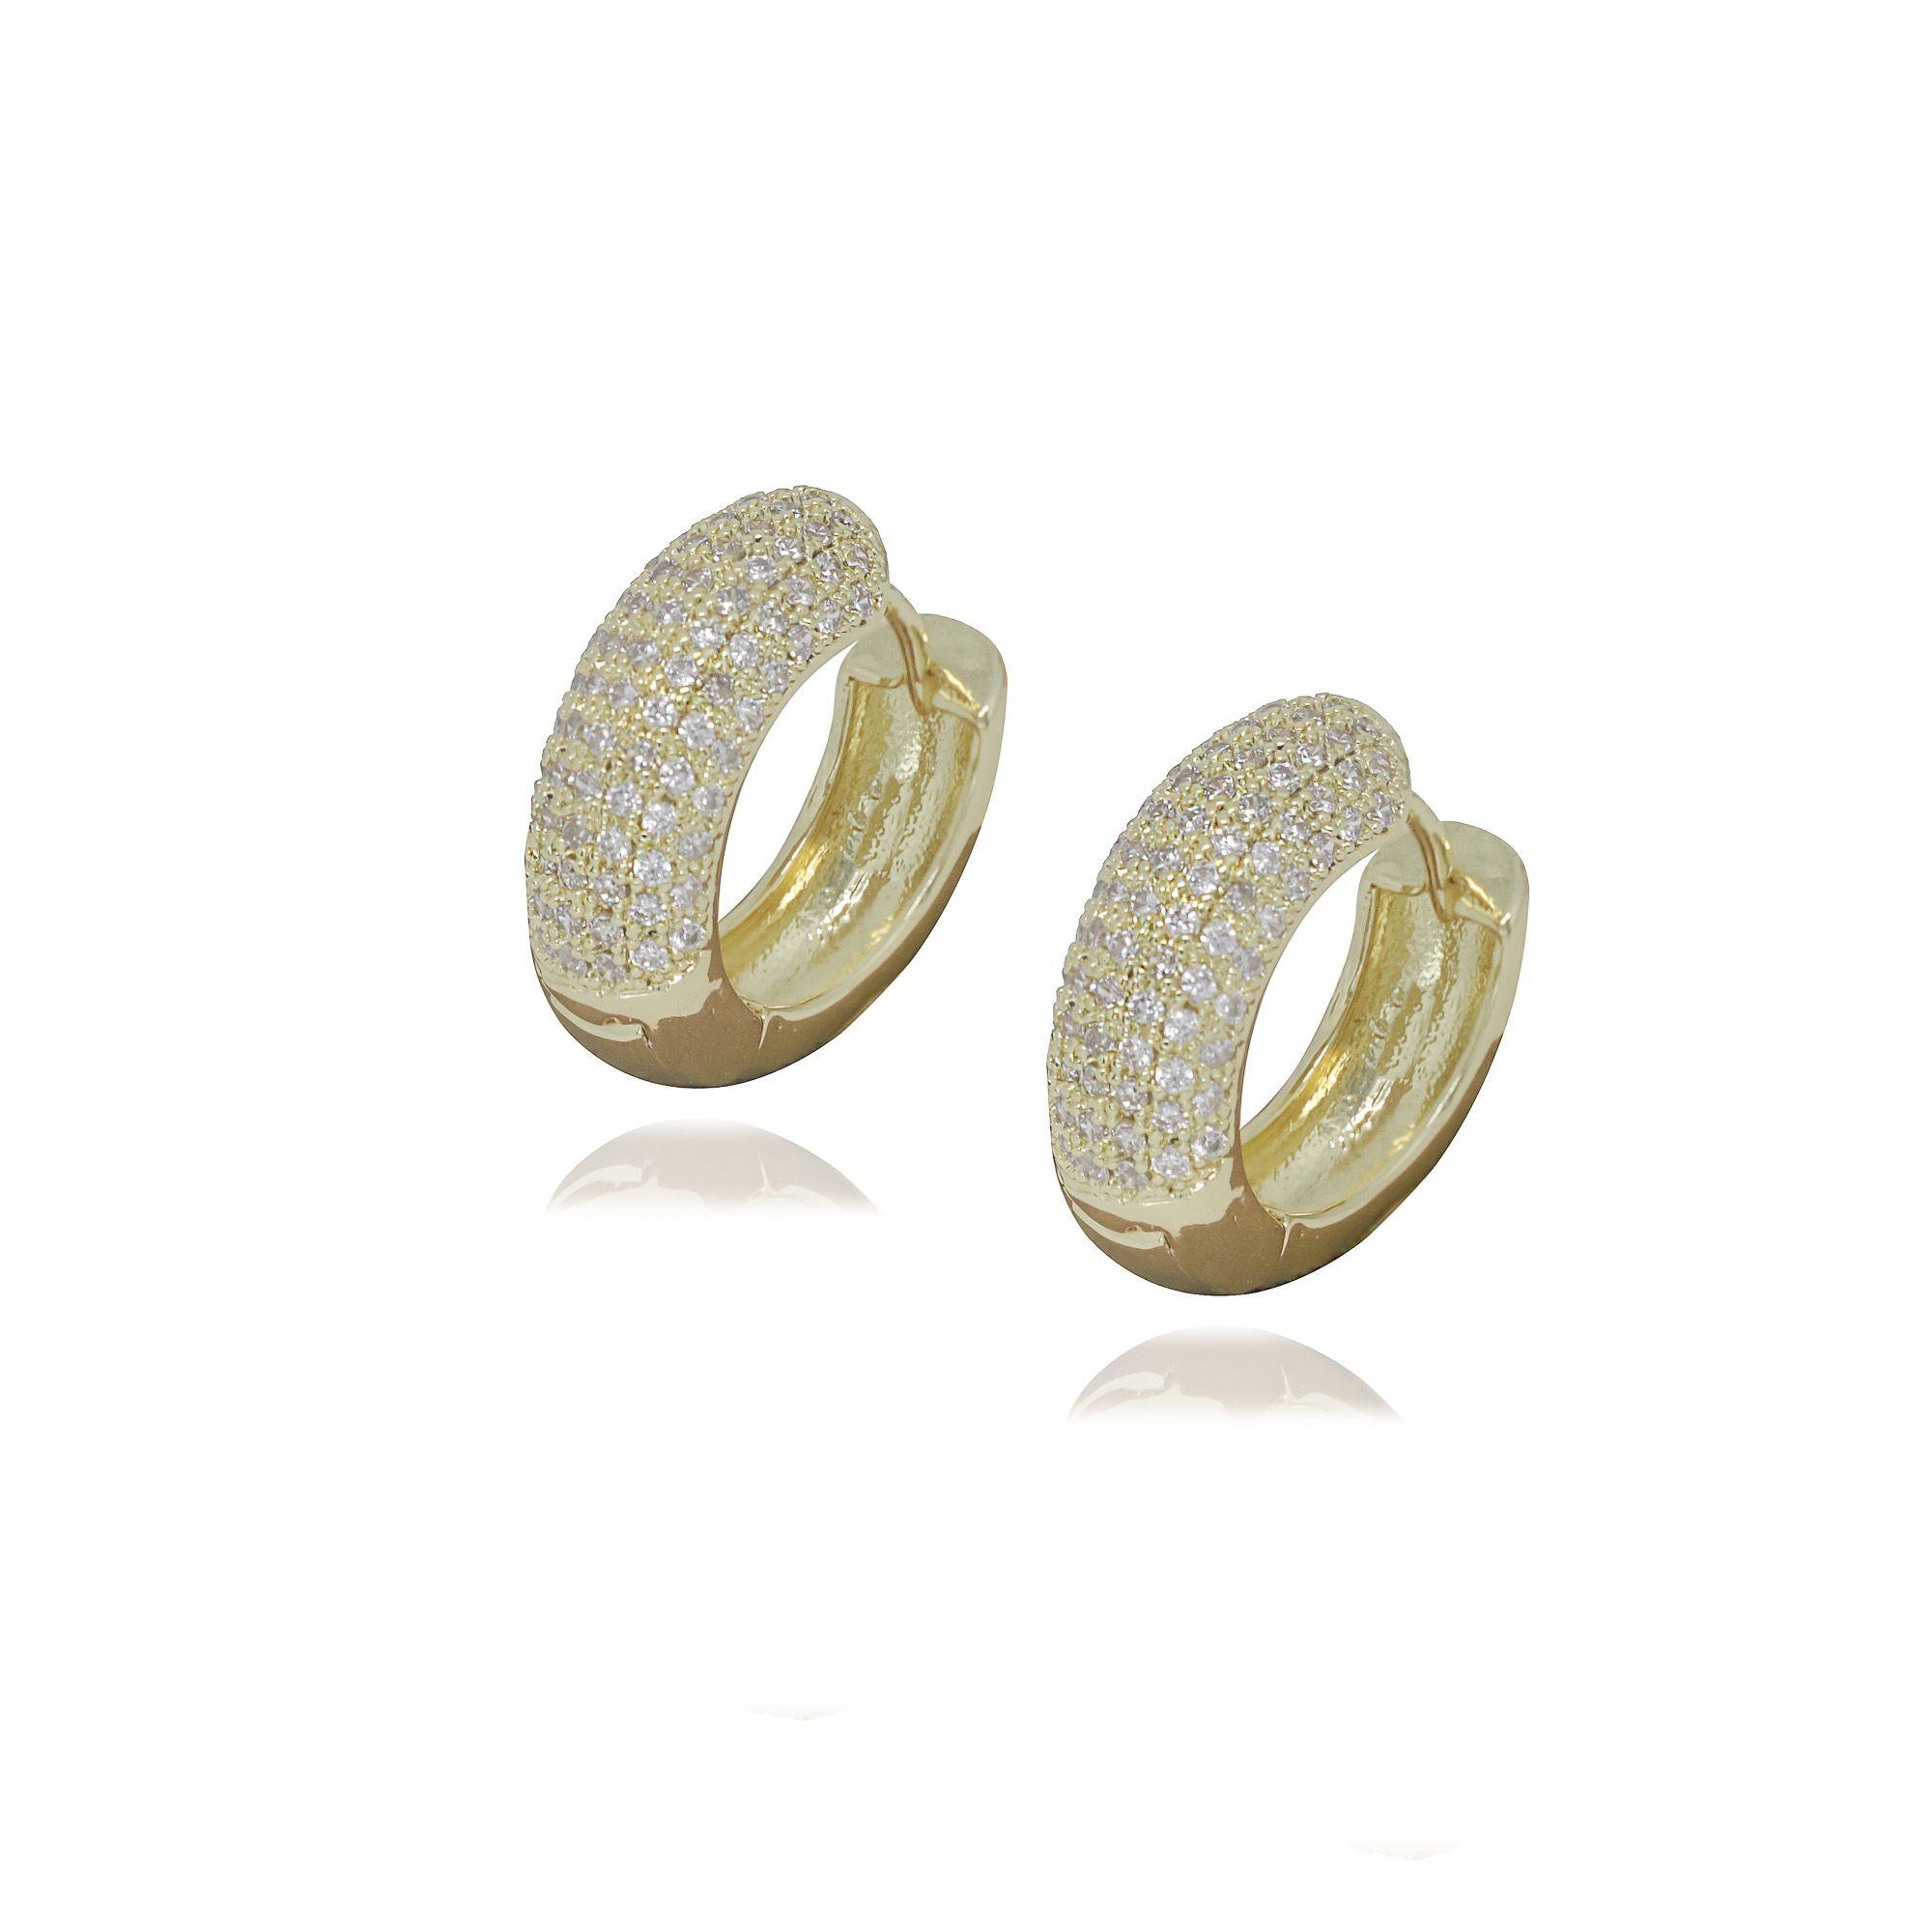 Brinco Semi joia argola  2,2 x 0,9 cm cravejada em microzircônia e  banhada a ouro 18k ou rhodium